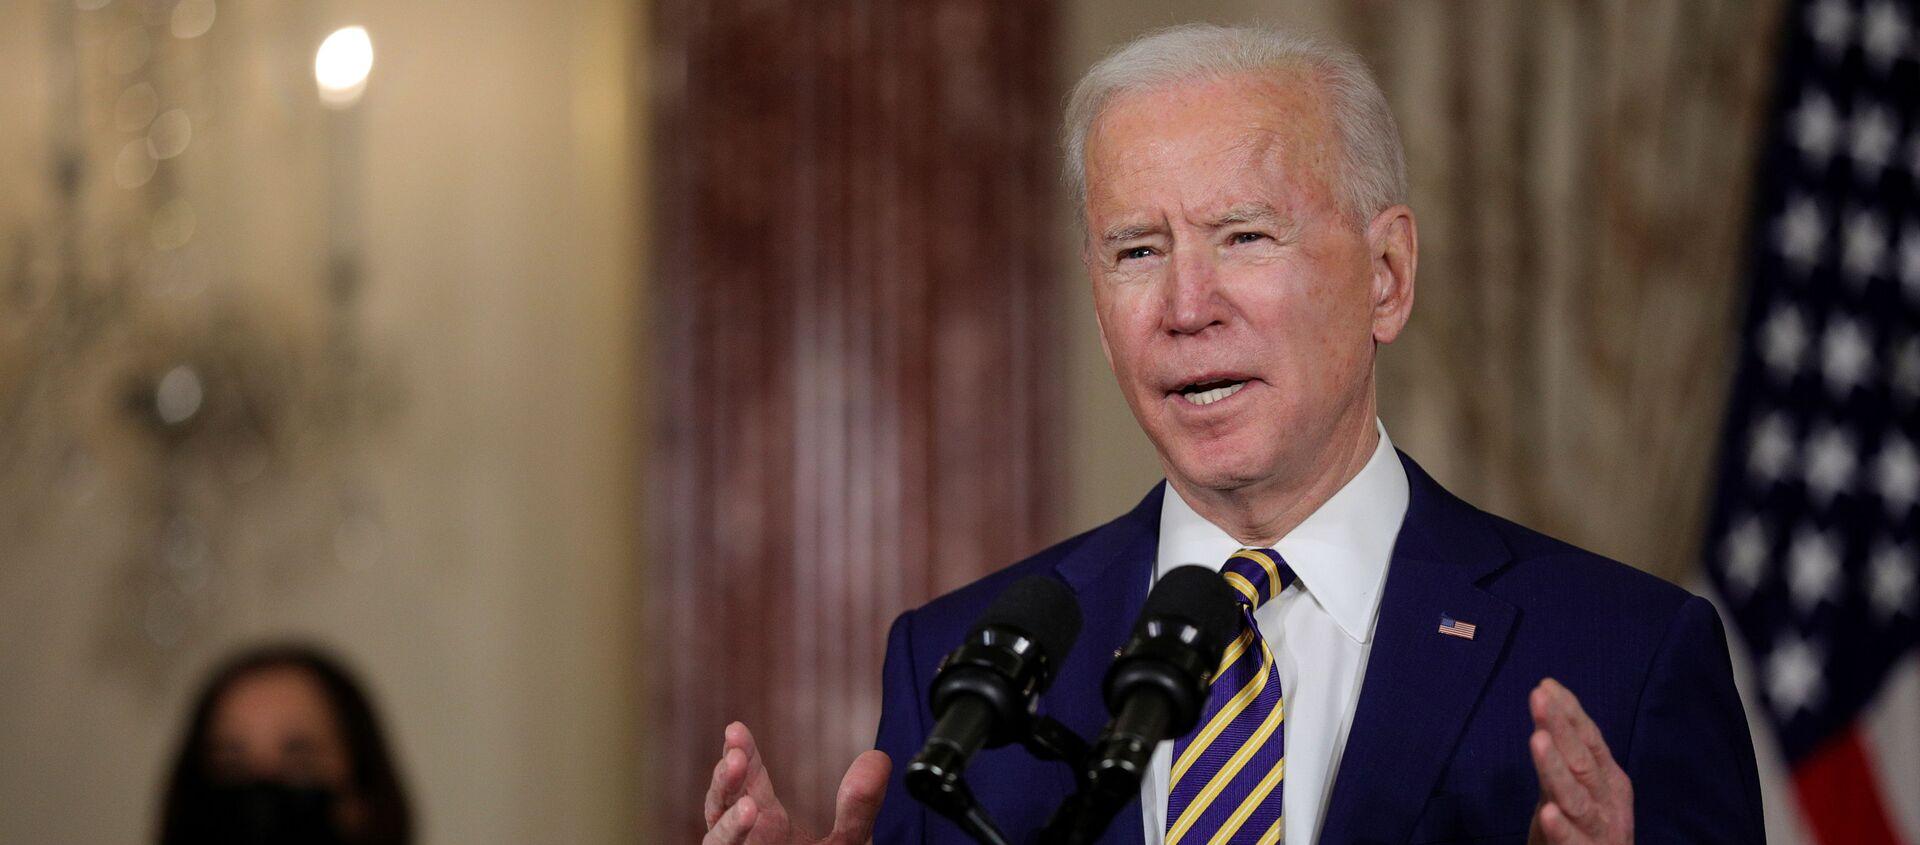 Tổng thống Mỹ Joe Biden  - Sputnik Việt Nam, 1920, 05.02.2021